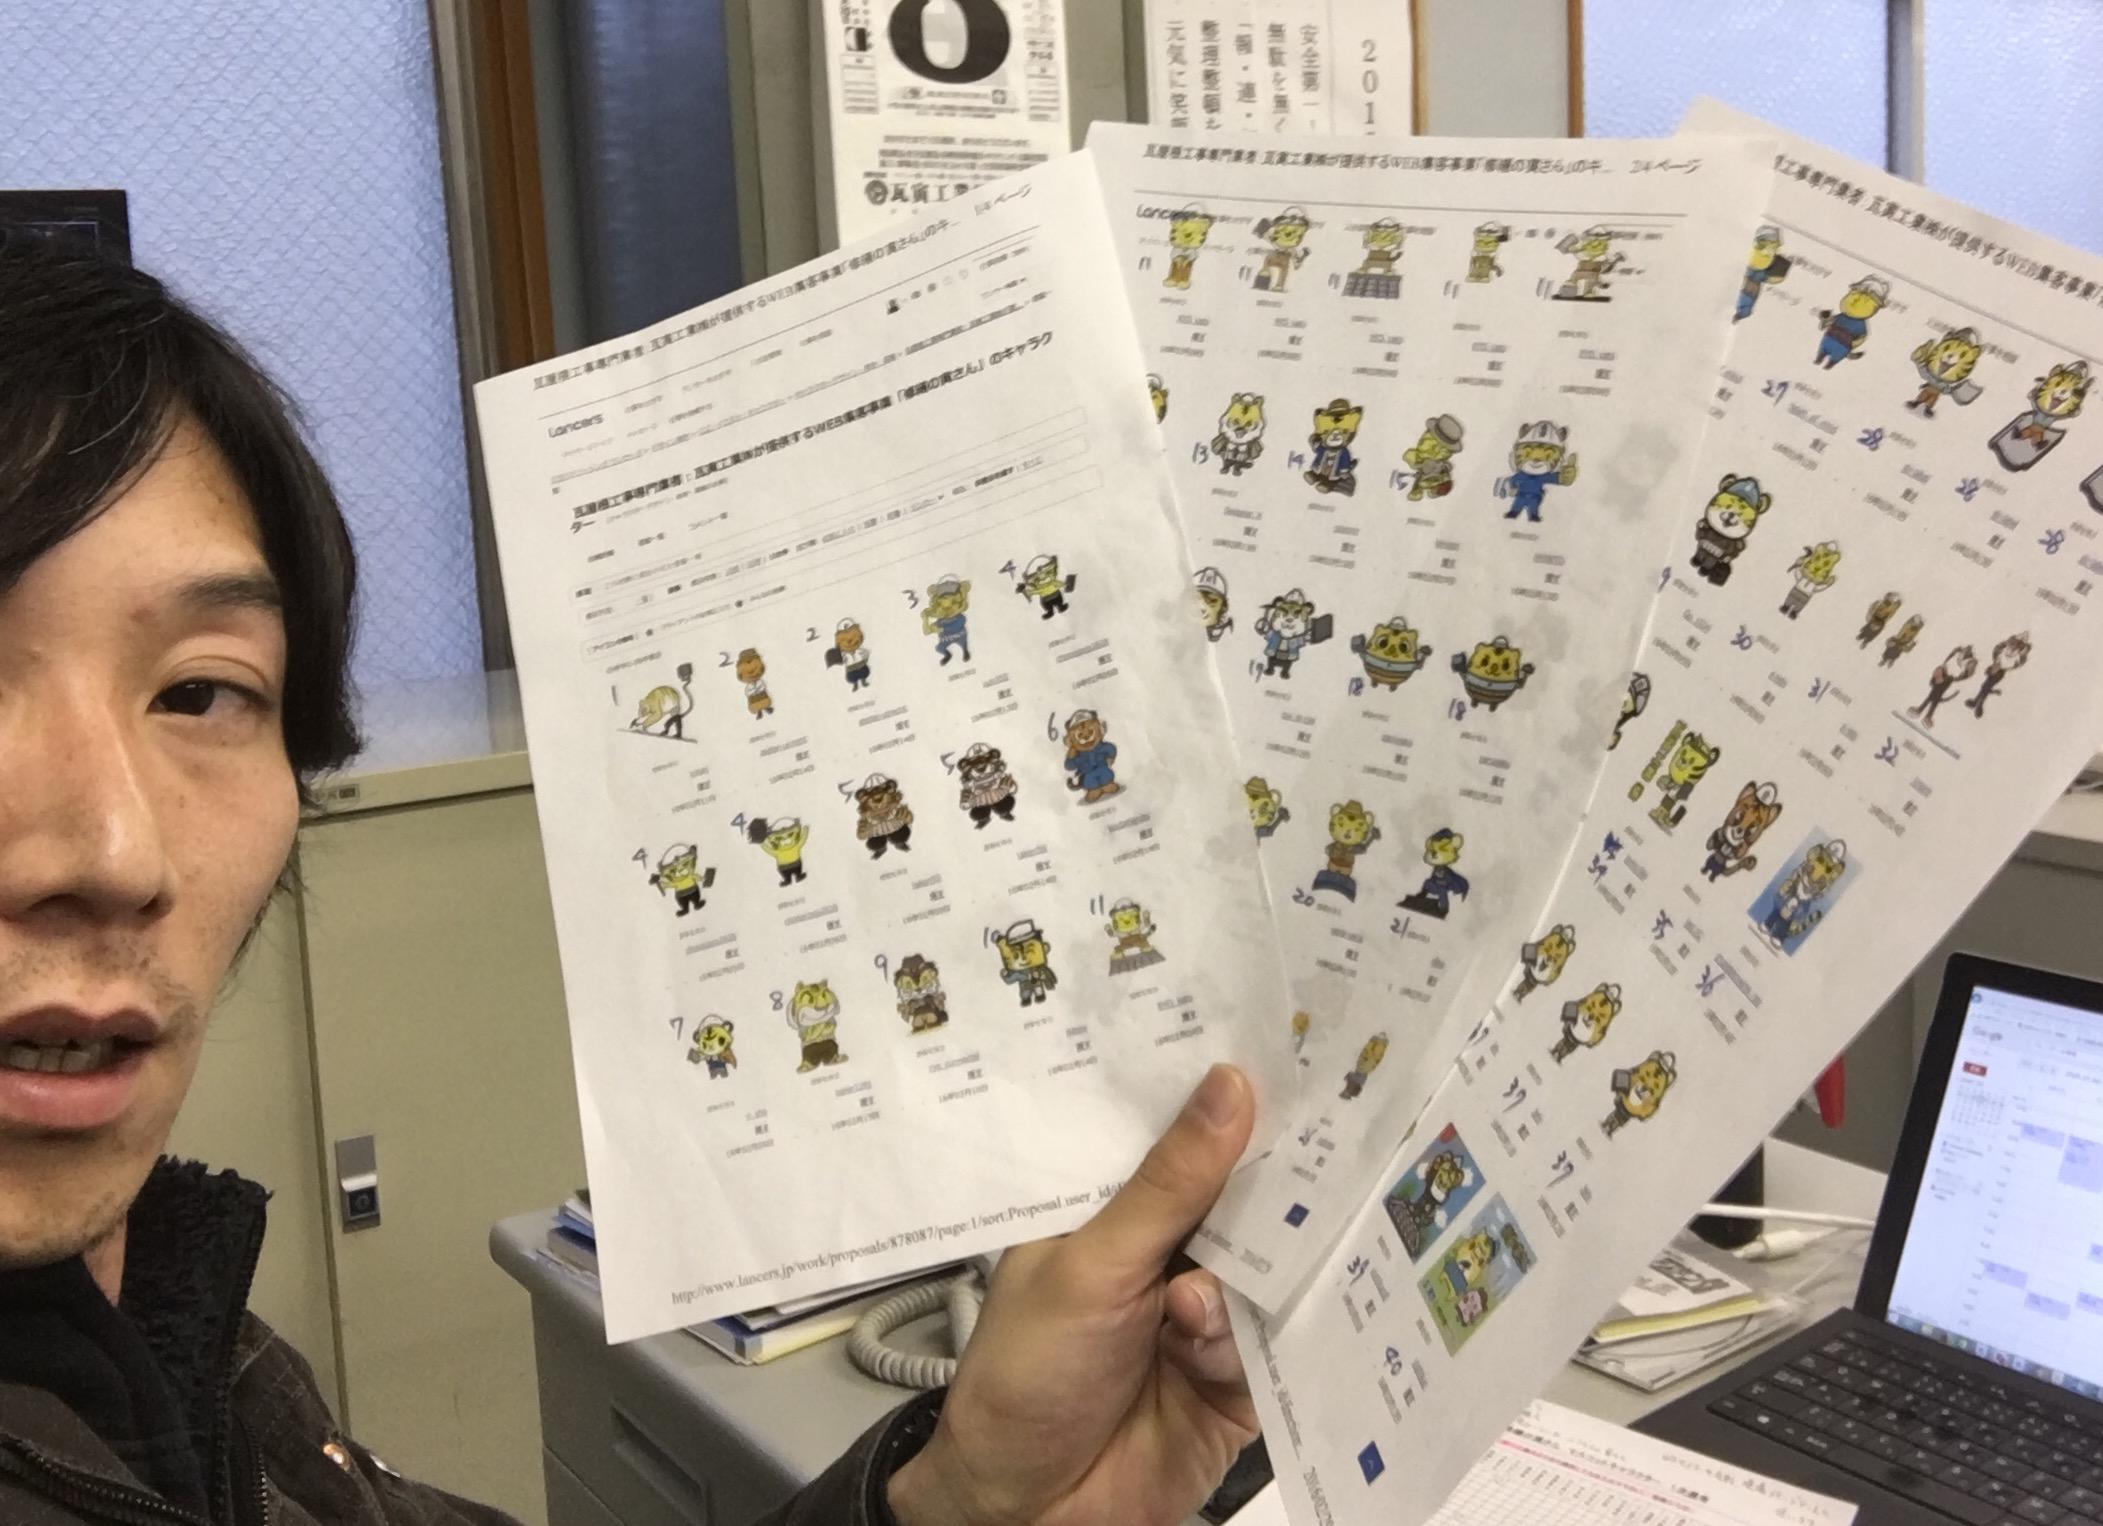 【総選挙】あなたの清き1票を!修繕の寅さんマスコットキャラクターに就任するのは誰だ⁉